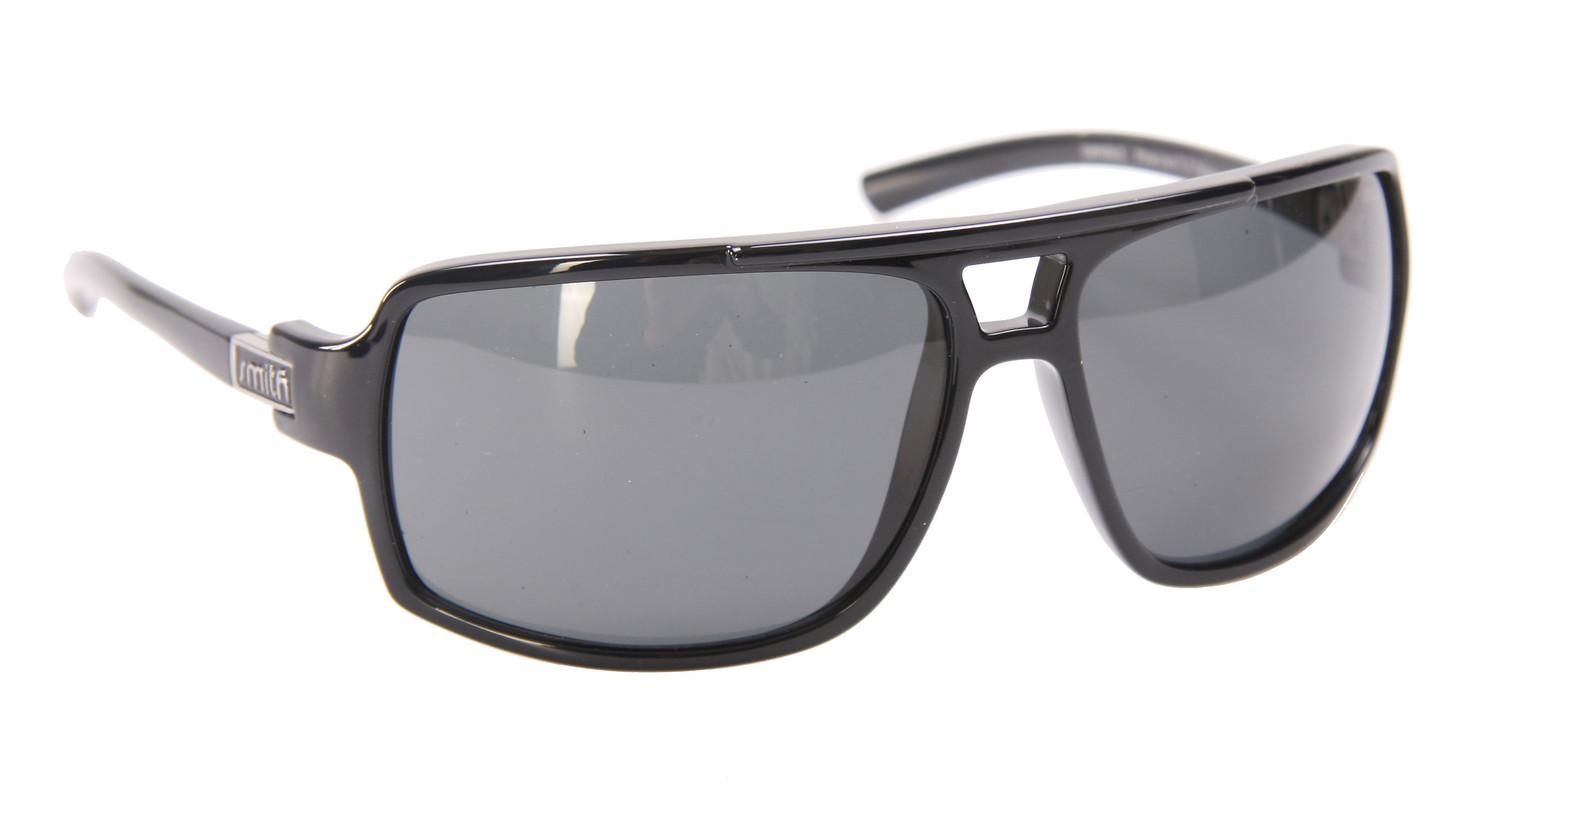 Smith Swindle Sunglasses Black Polarized Grey  smith-swindle-sngls-blkpolargry-09.jpg